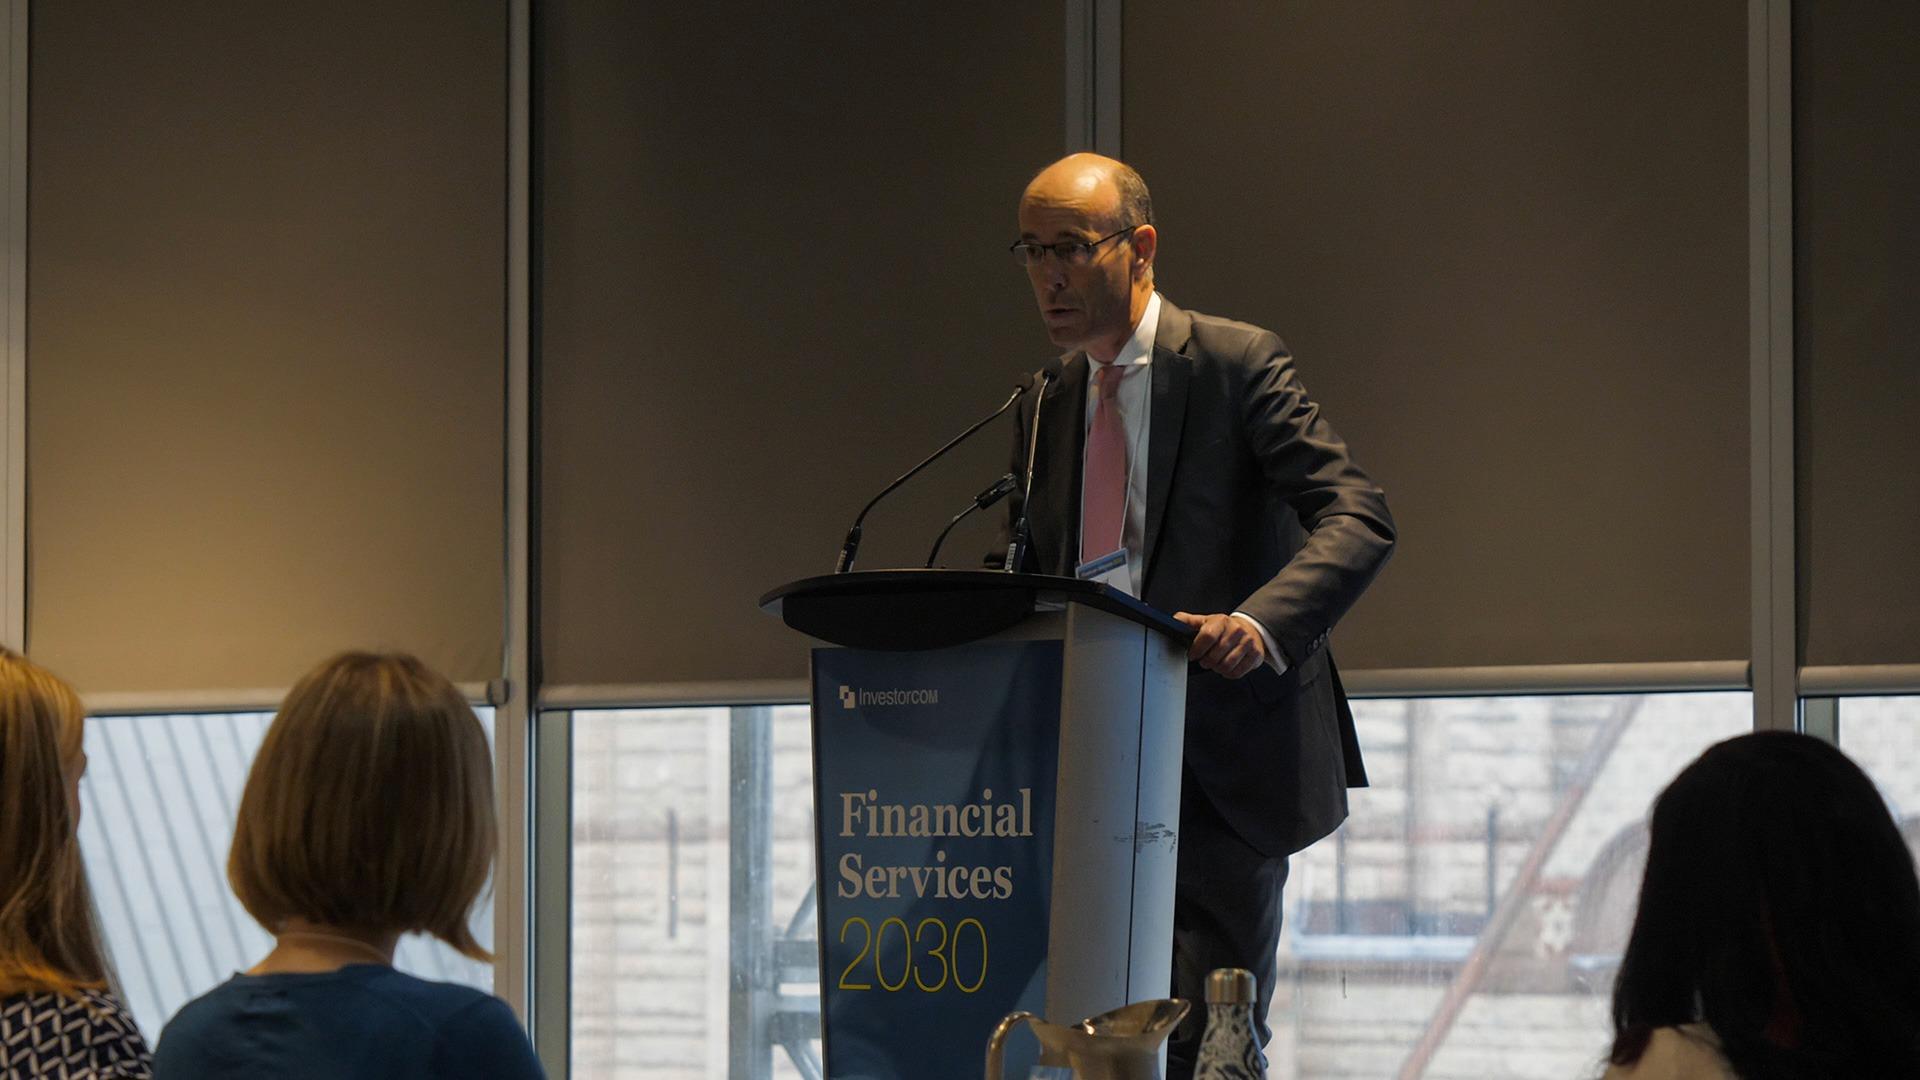 Financial Services 2030 - Event Photos